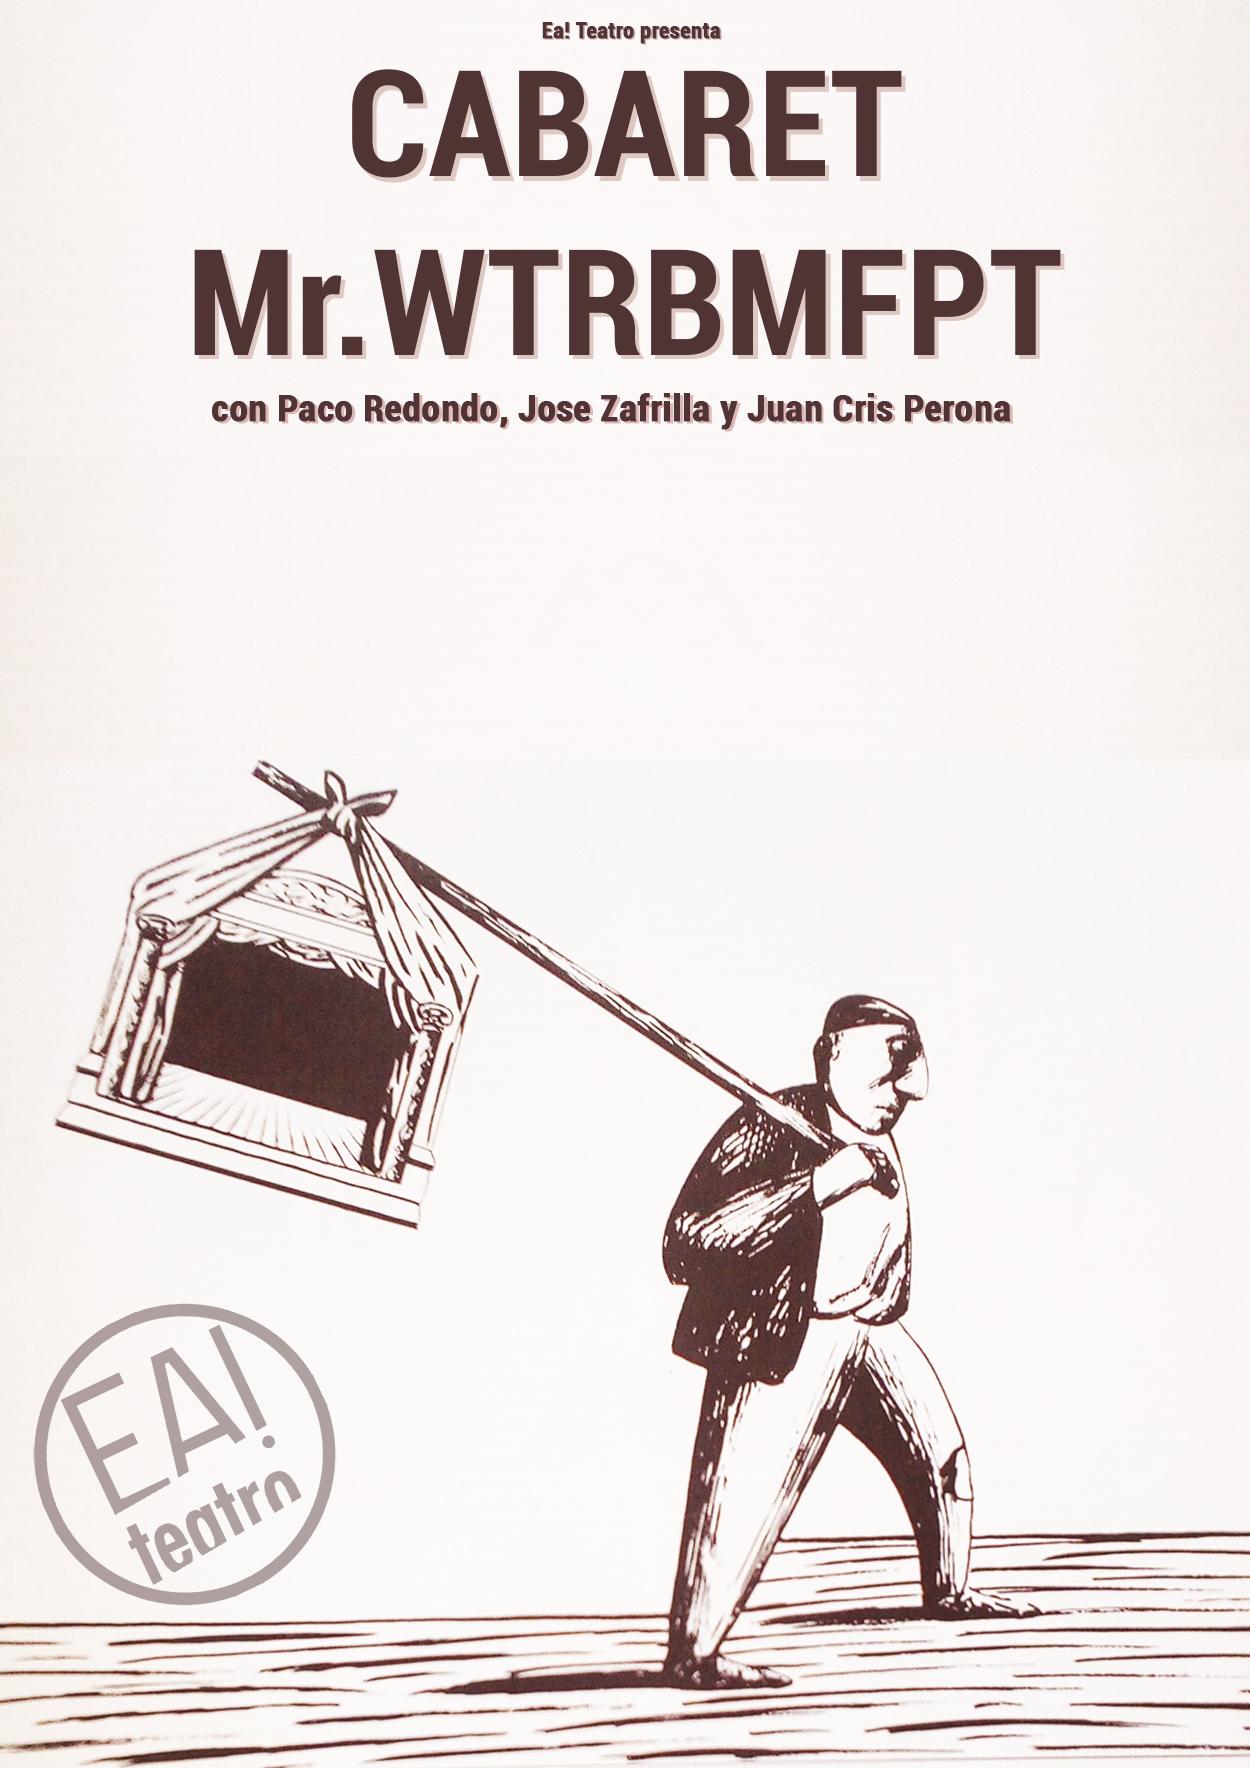 """Cabaret """"Mr. Wtrbrmpft"""""""